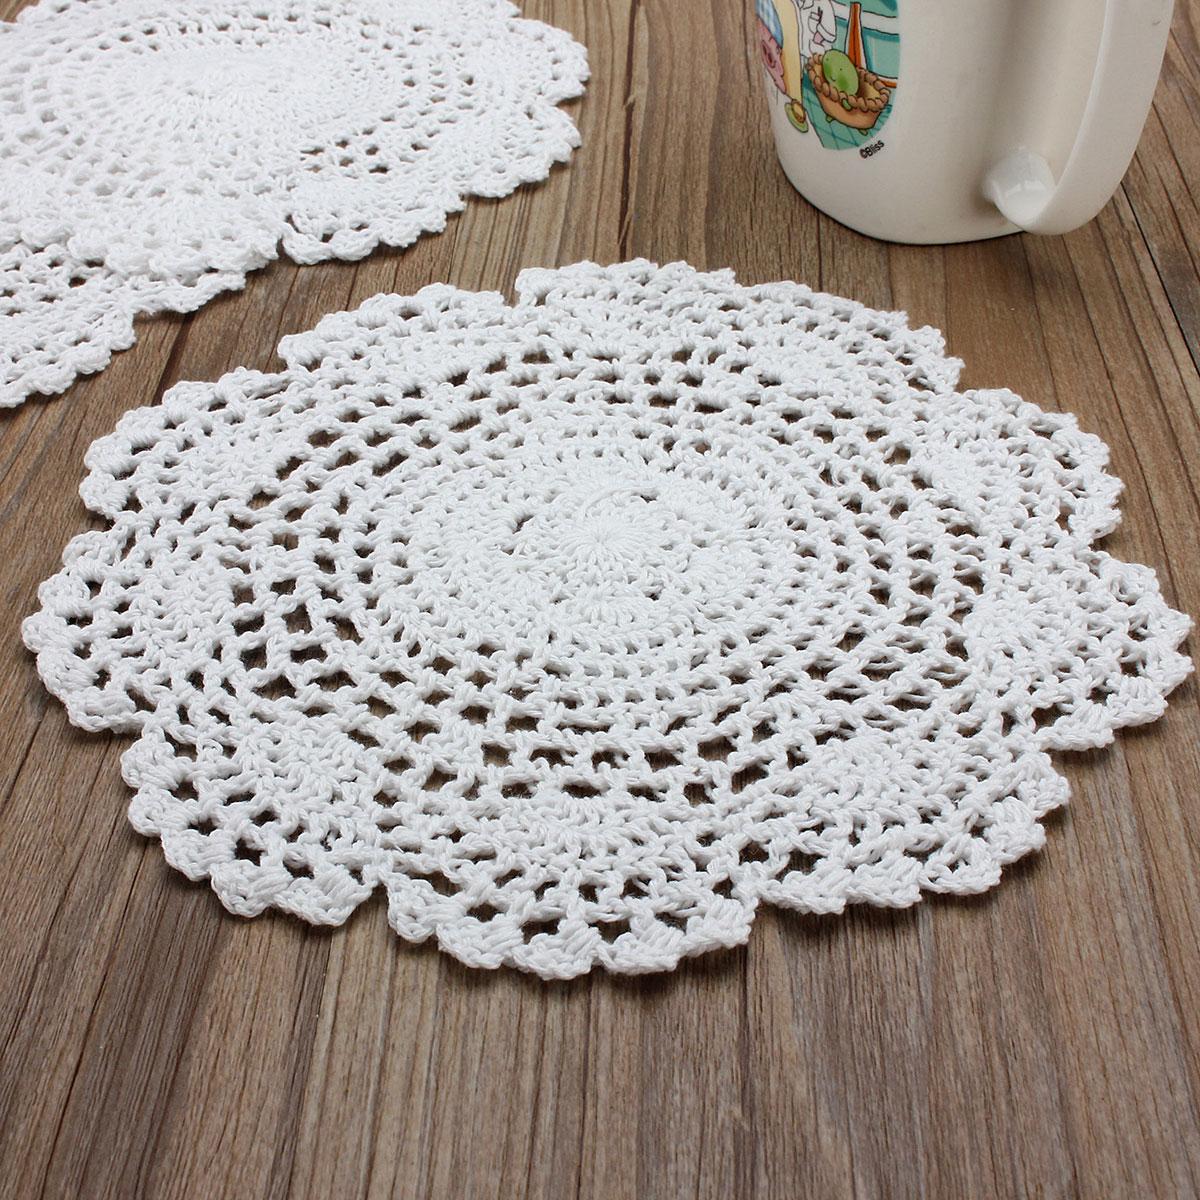 lot de 3 napperon 20cm blanc dentelle au crochet achat vente nappe de table jetable cdiscount